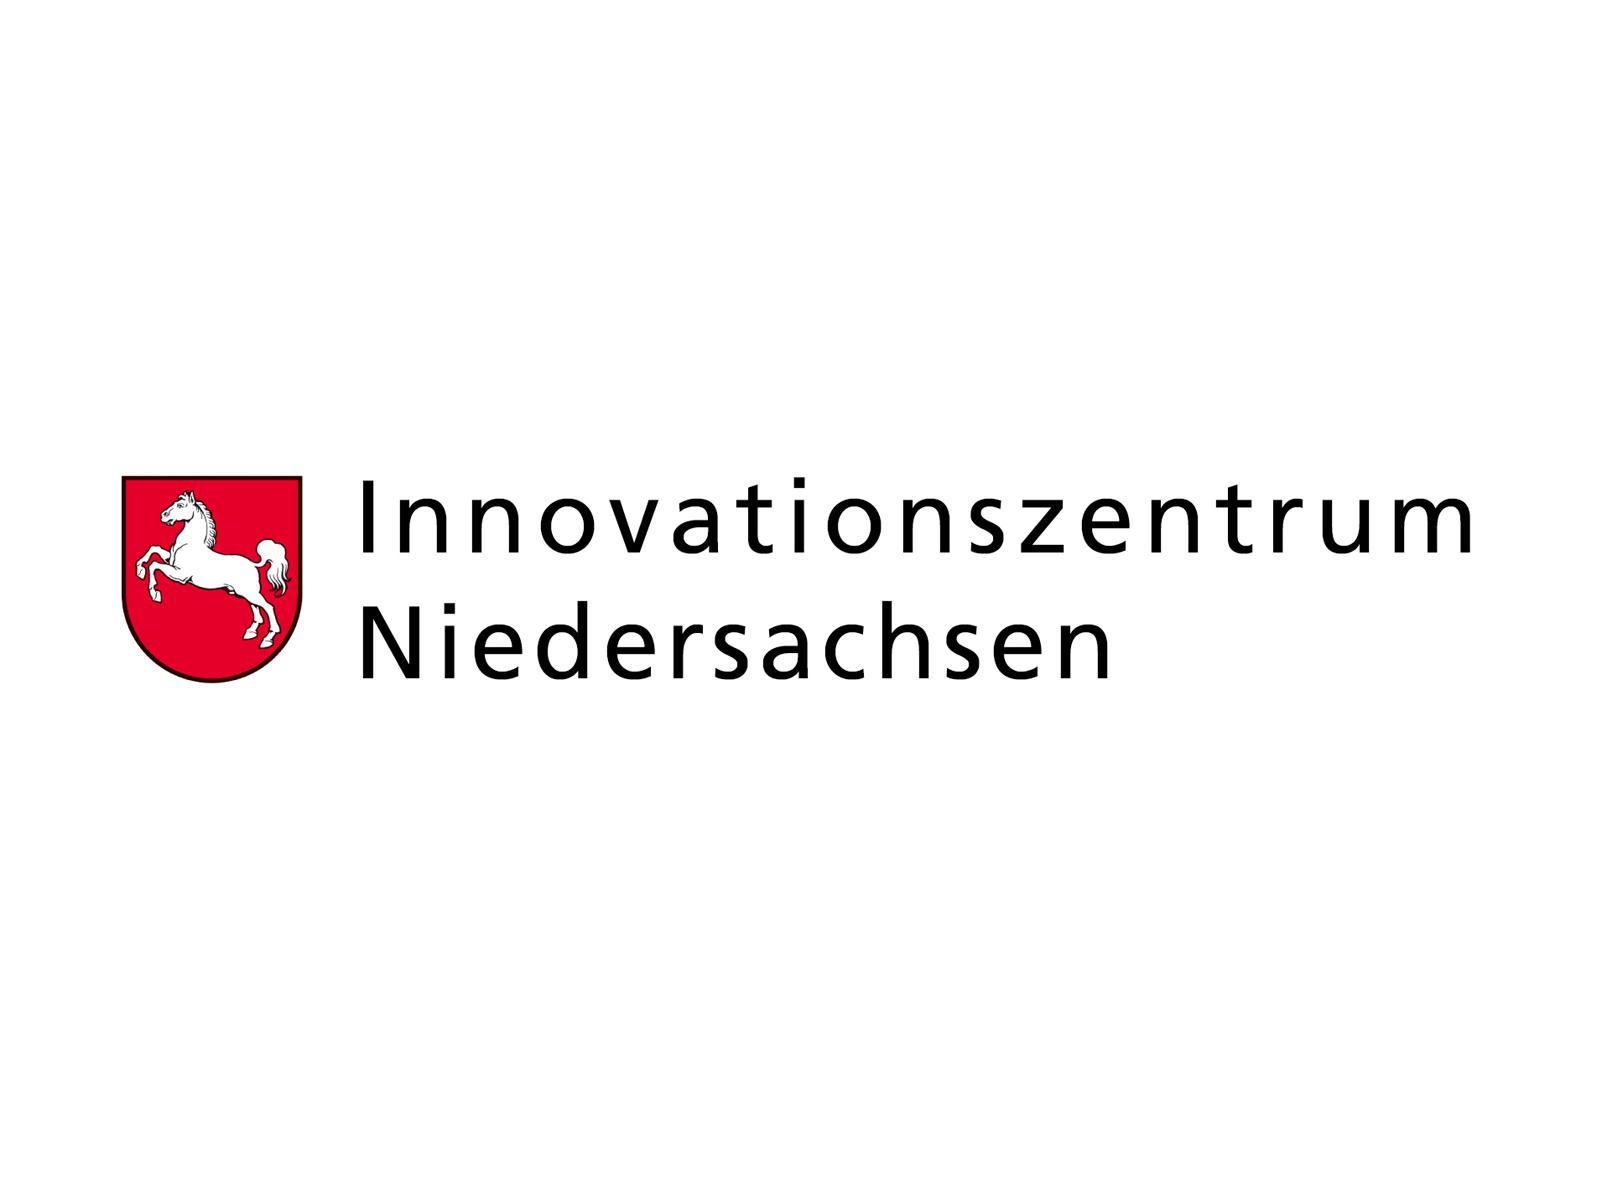 Start Innovationszentrum Niedersachsen